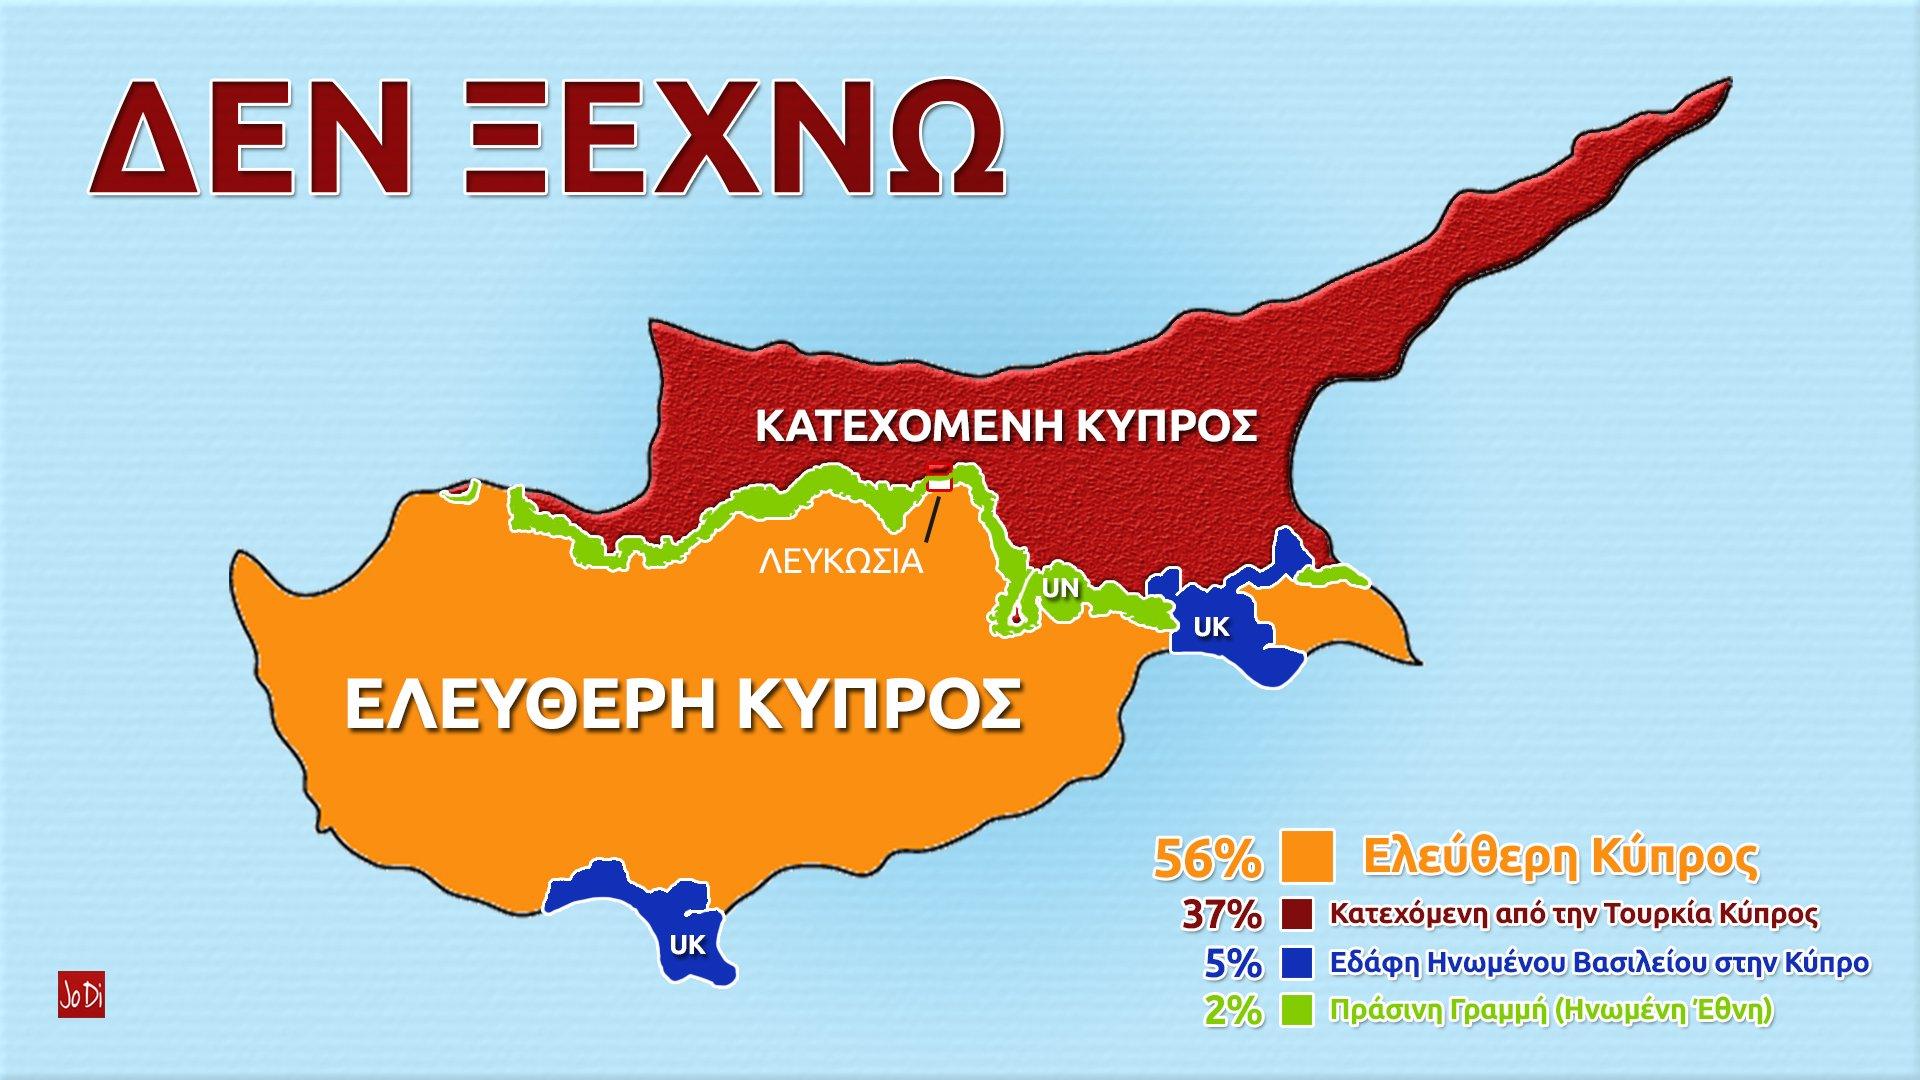 Ο σχης ε.α. Άντυ Λοΐζου για την αόρατη κατοχή της Κύπρου και τις βρεττανικές βάσεις (βίντεο)